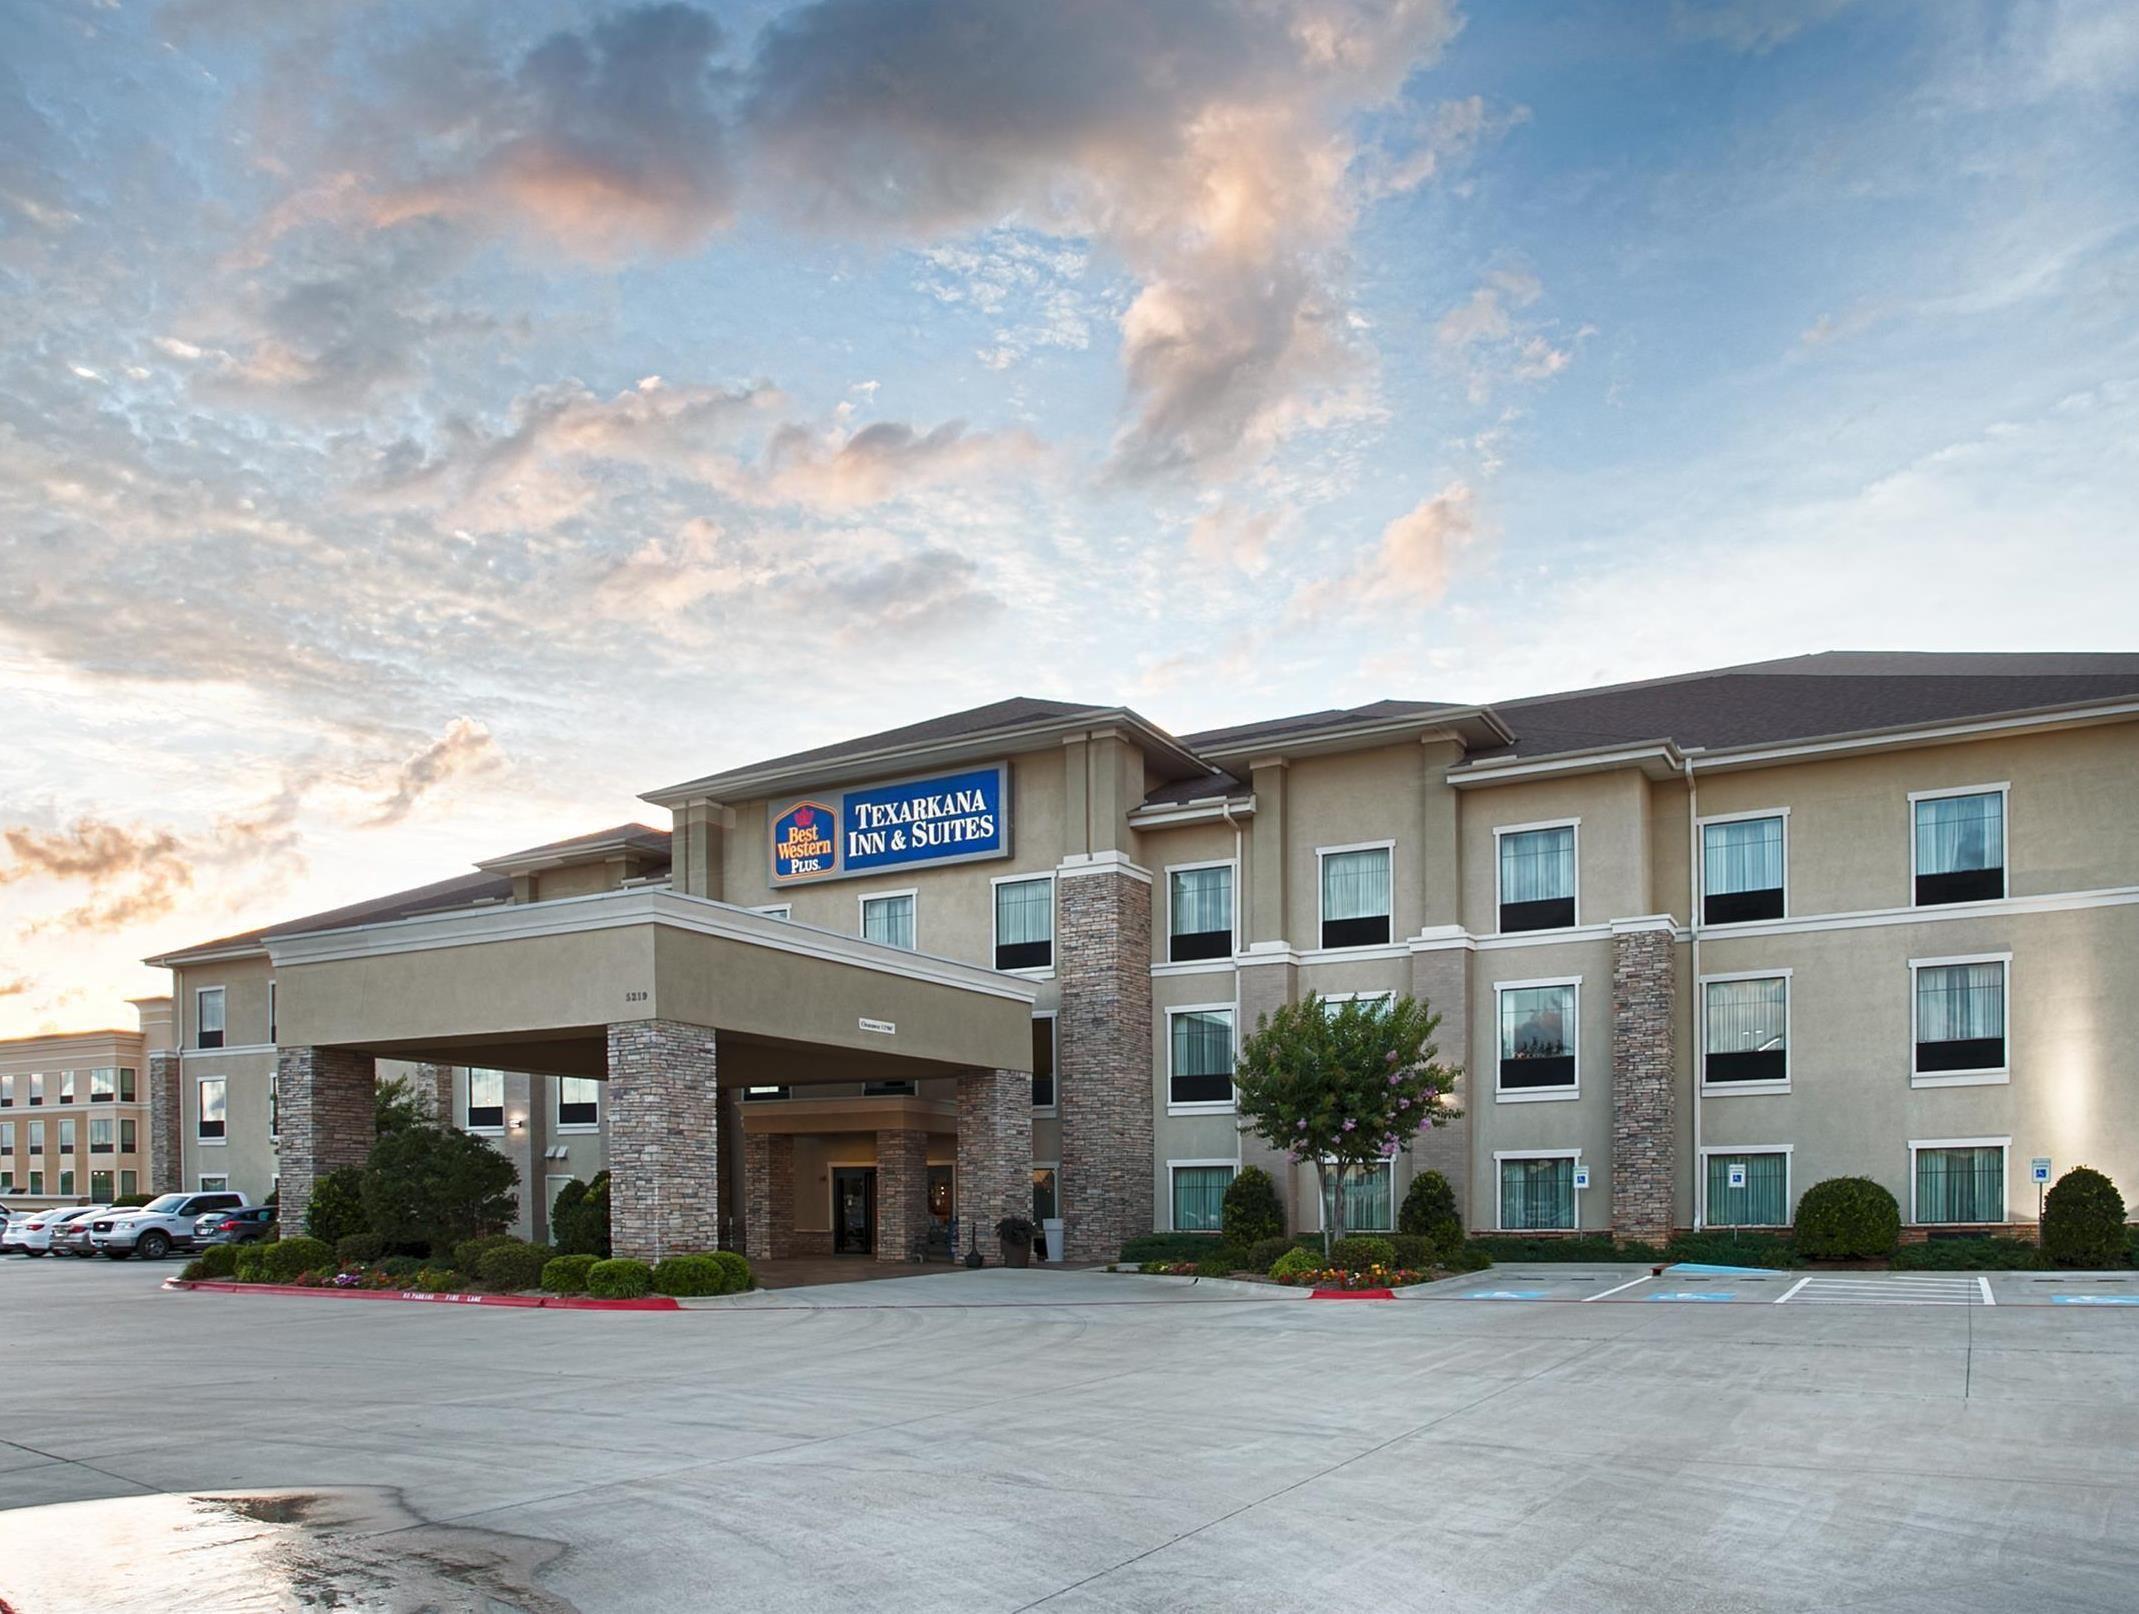 Americas Best Inn And Suites Emporia Texarkana Ar Best Western Plus Texarkana Inn And Suites United